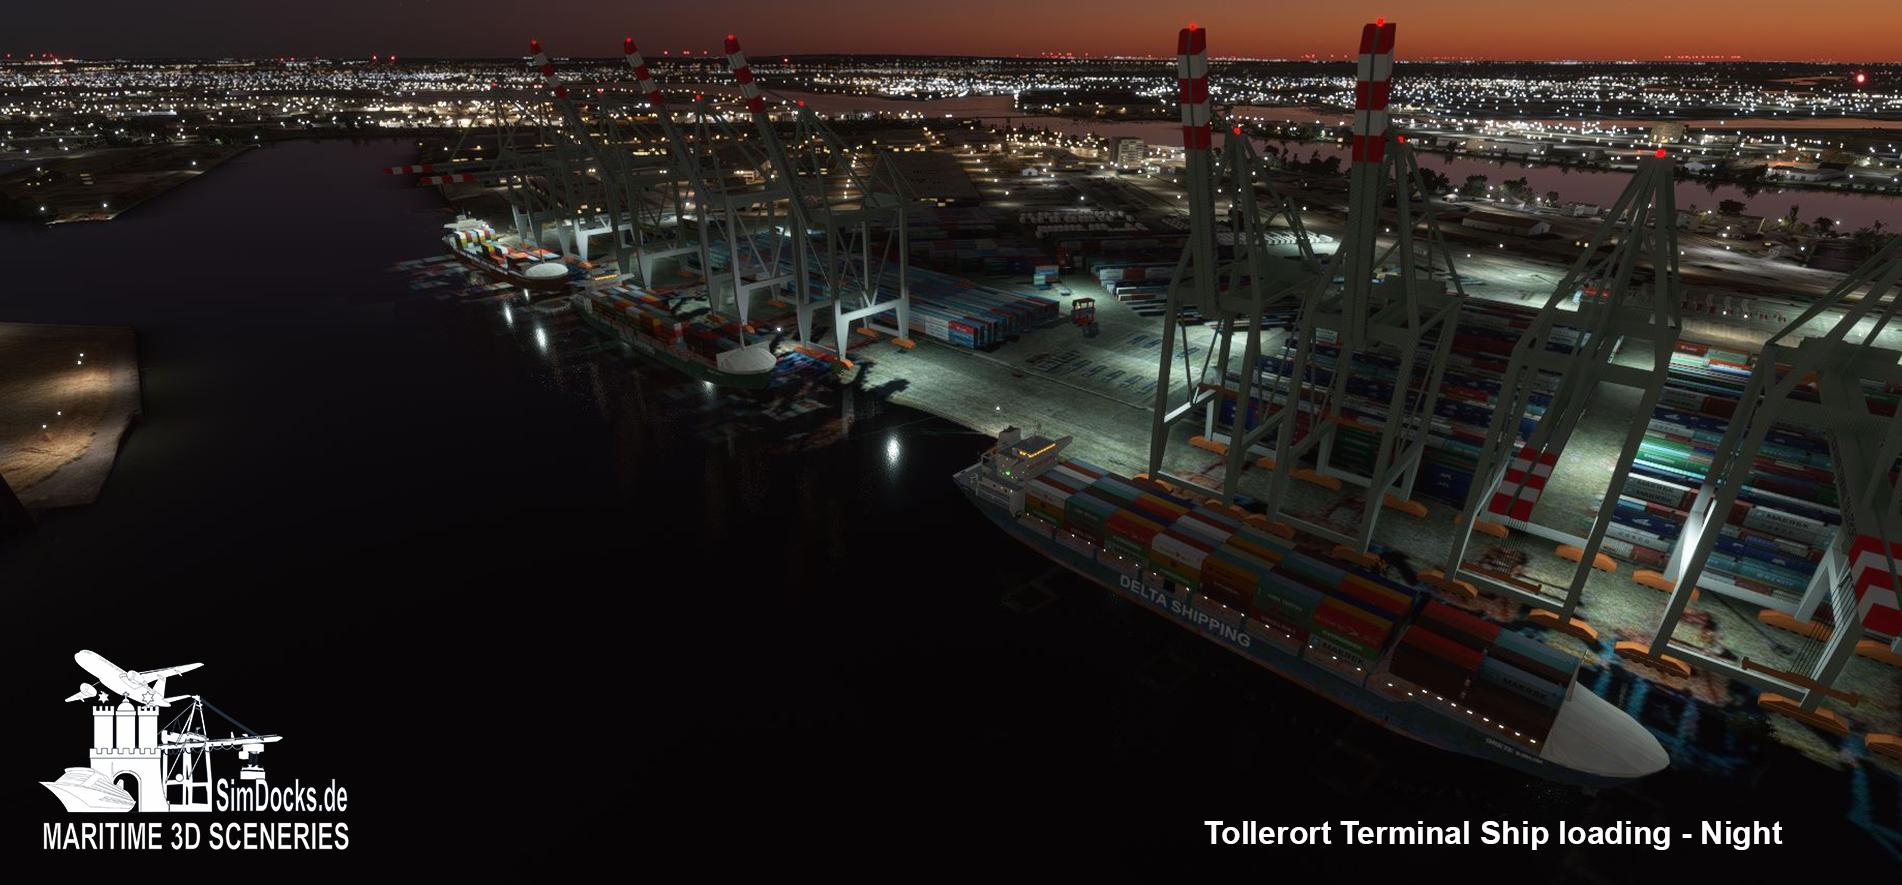 Bild19_Terminal_Tollerort_Schiffsverladung_Nacht.JPG